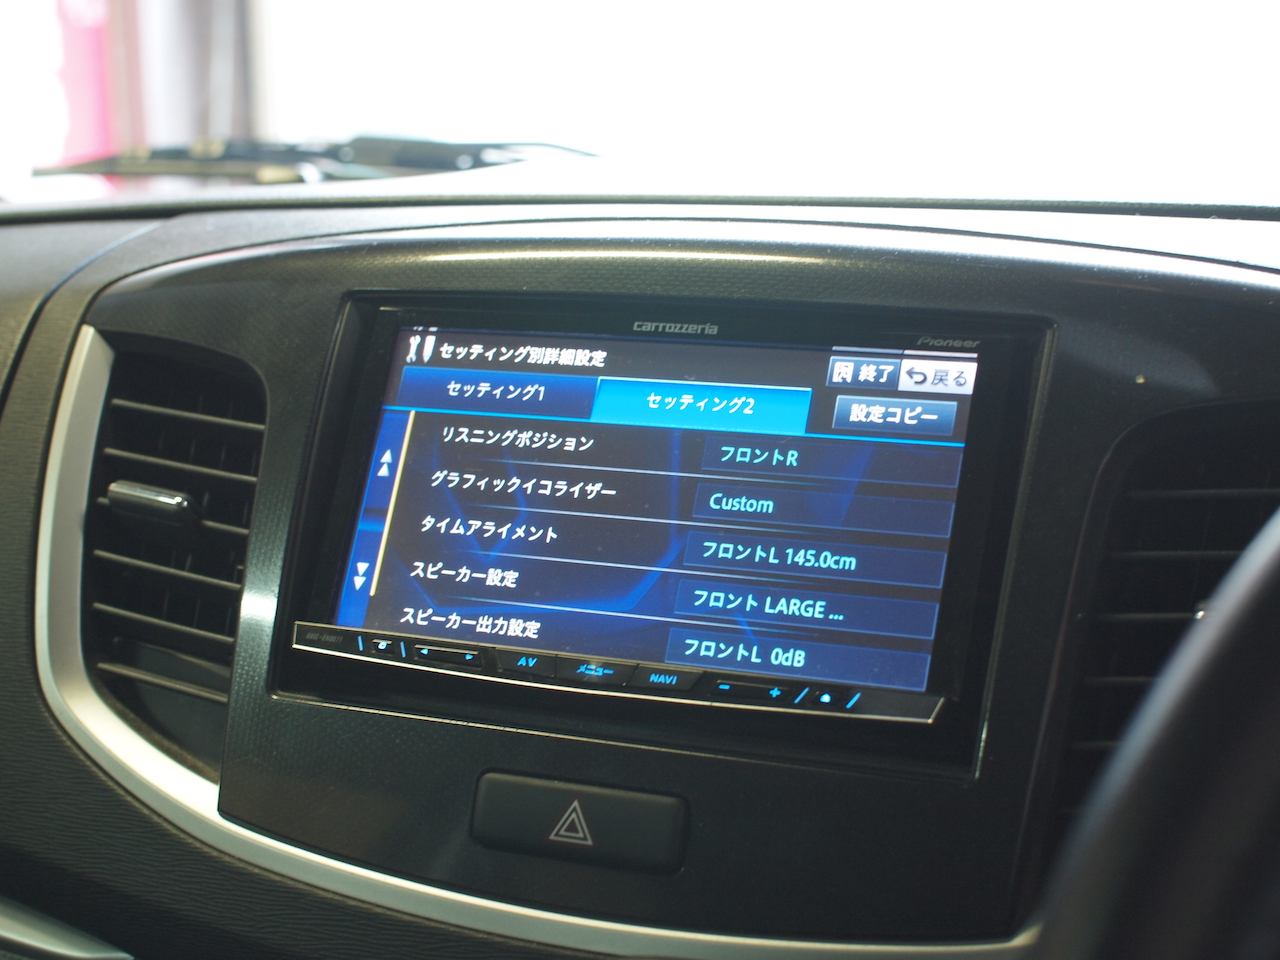 ワゴンR、オーディオ音質調整